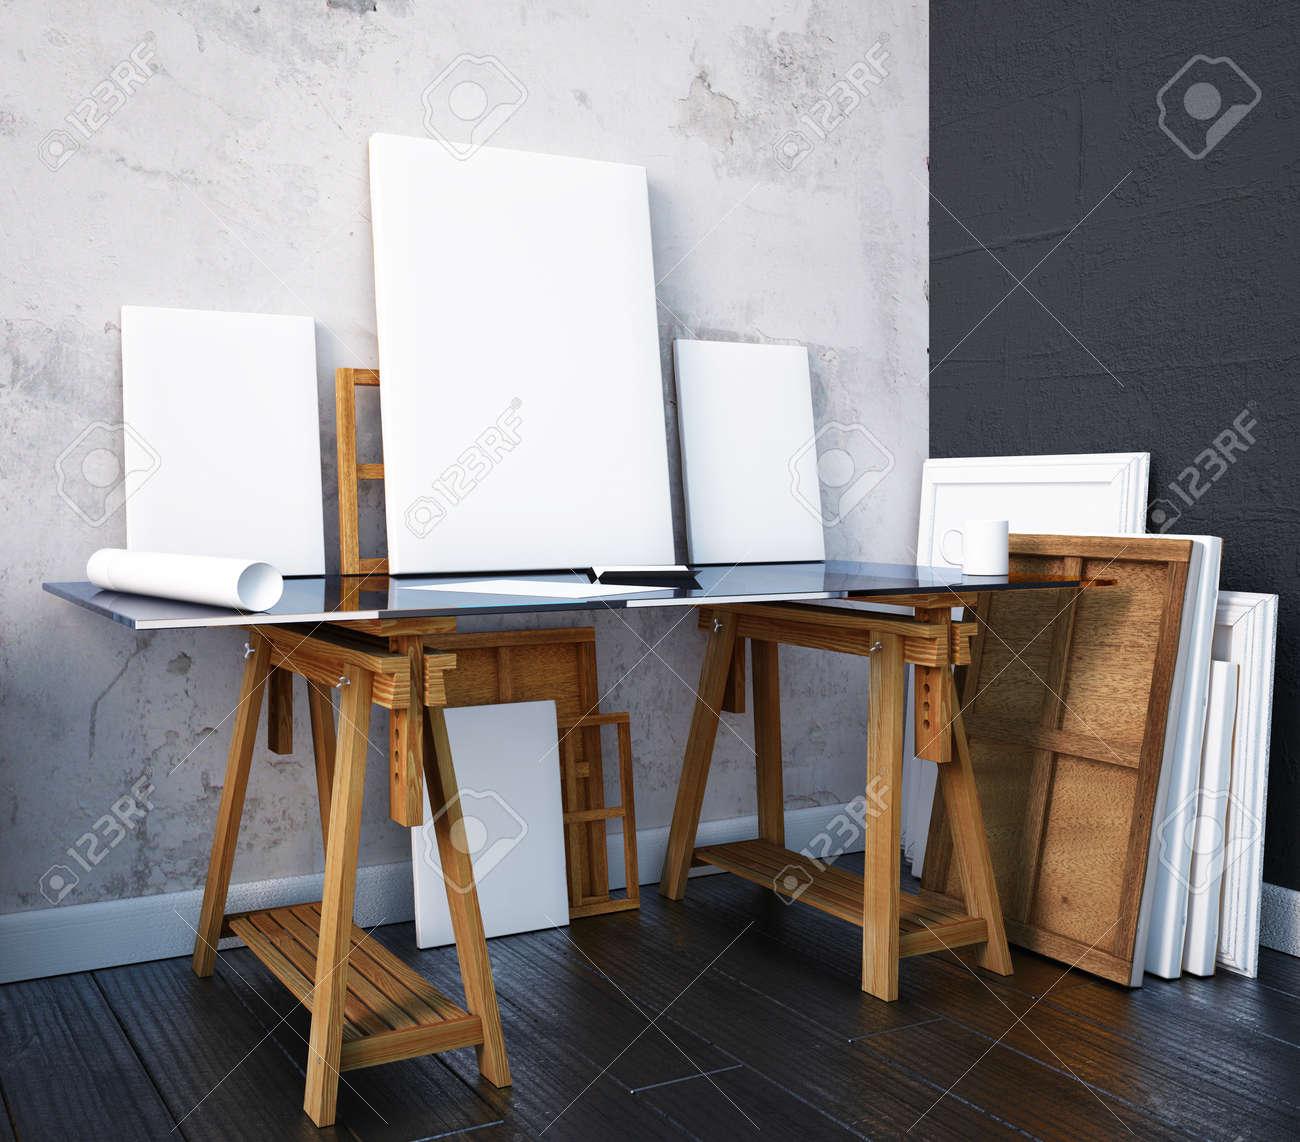 interieur maquette atelier d artiste bureau banque d images